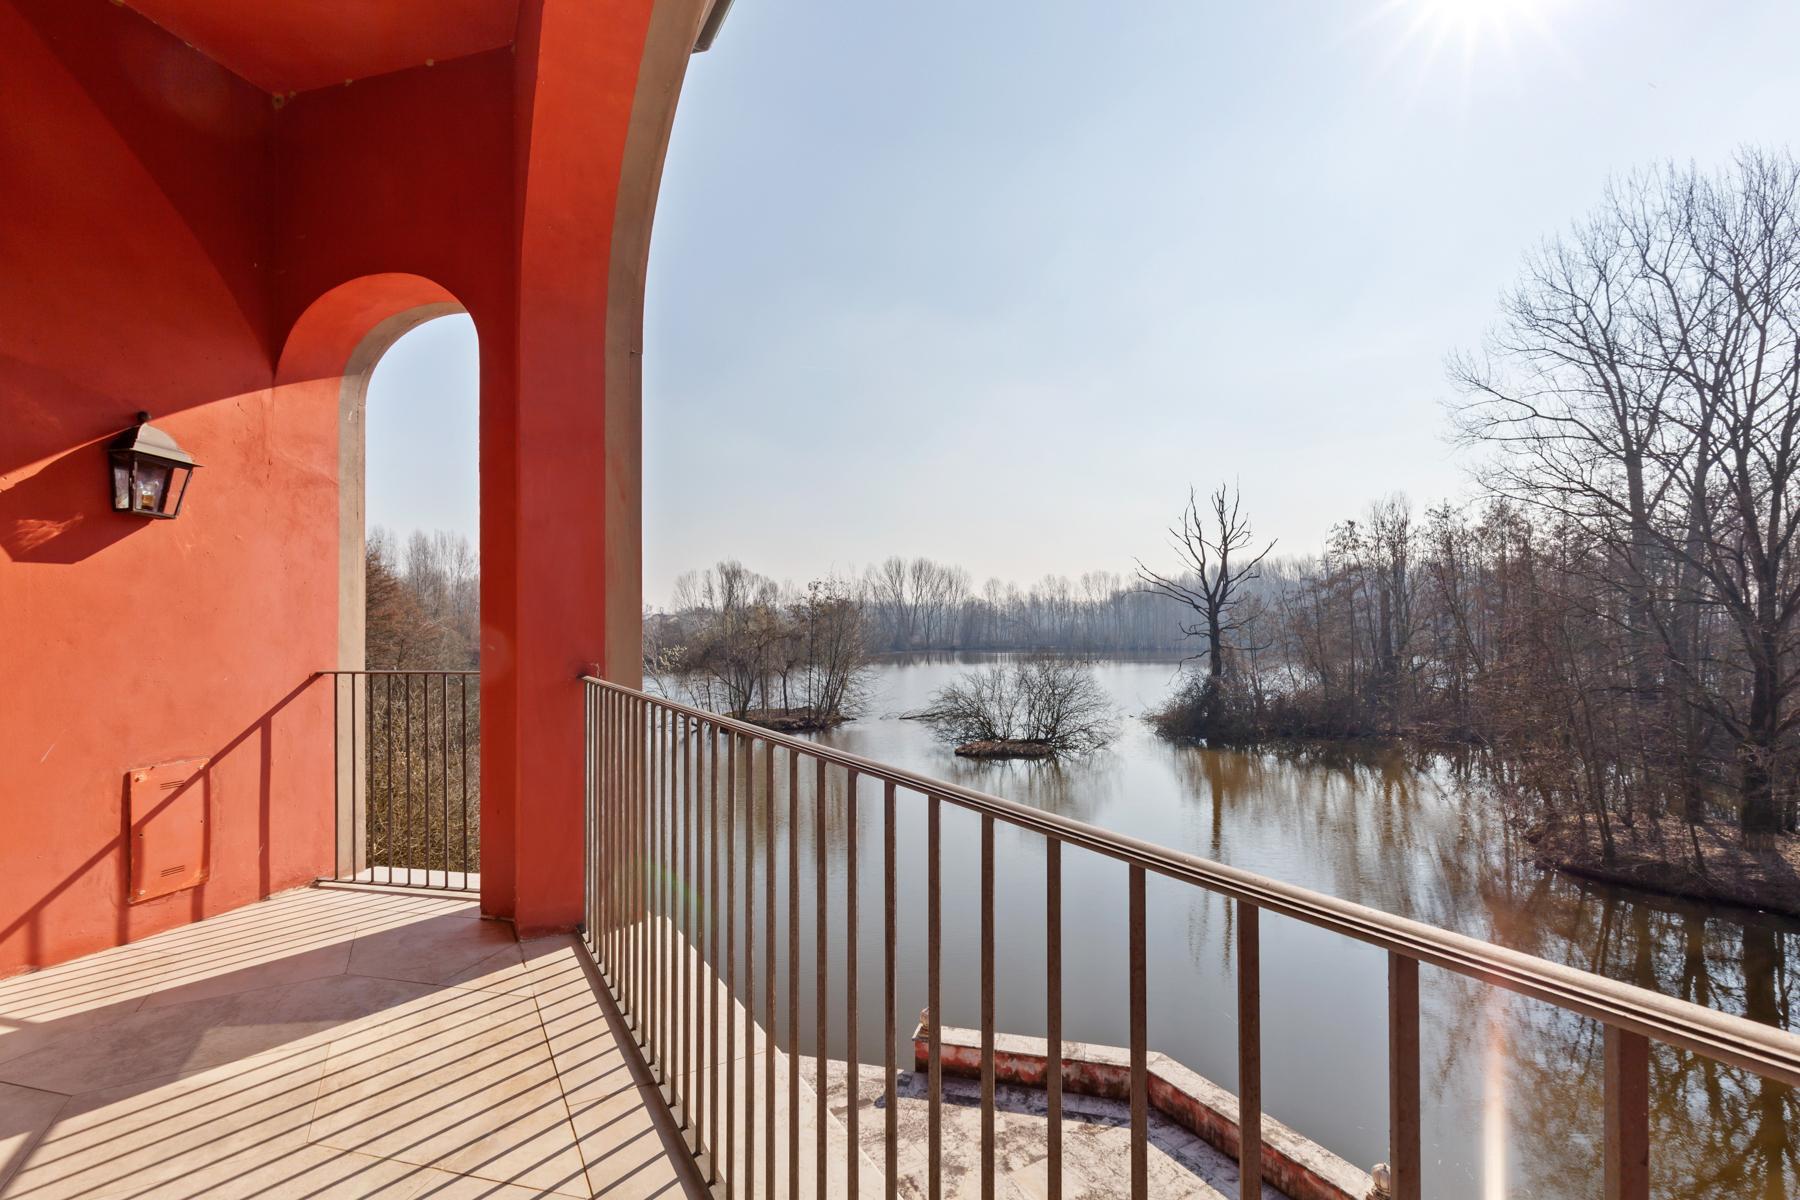 Suggestiva proprietà con parco e lago privato a pochi minuti da Milano - 12